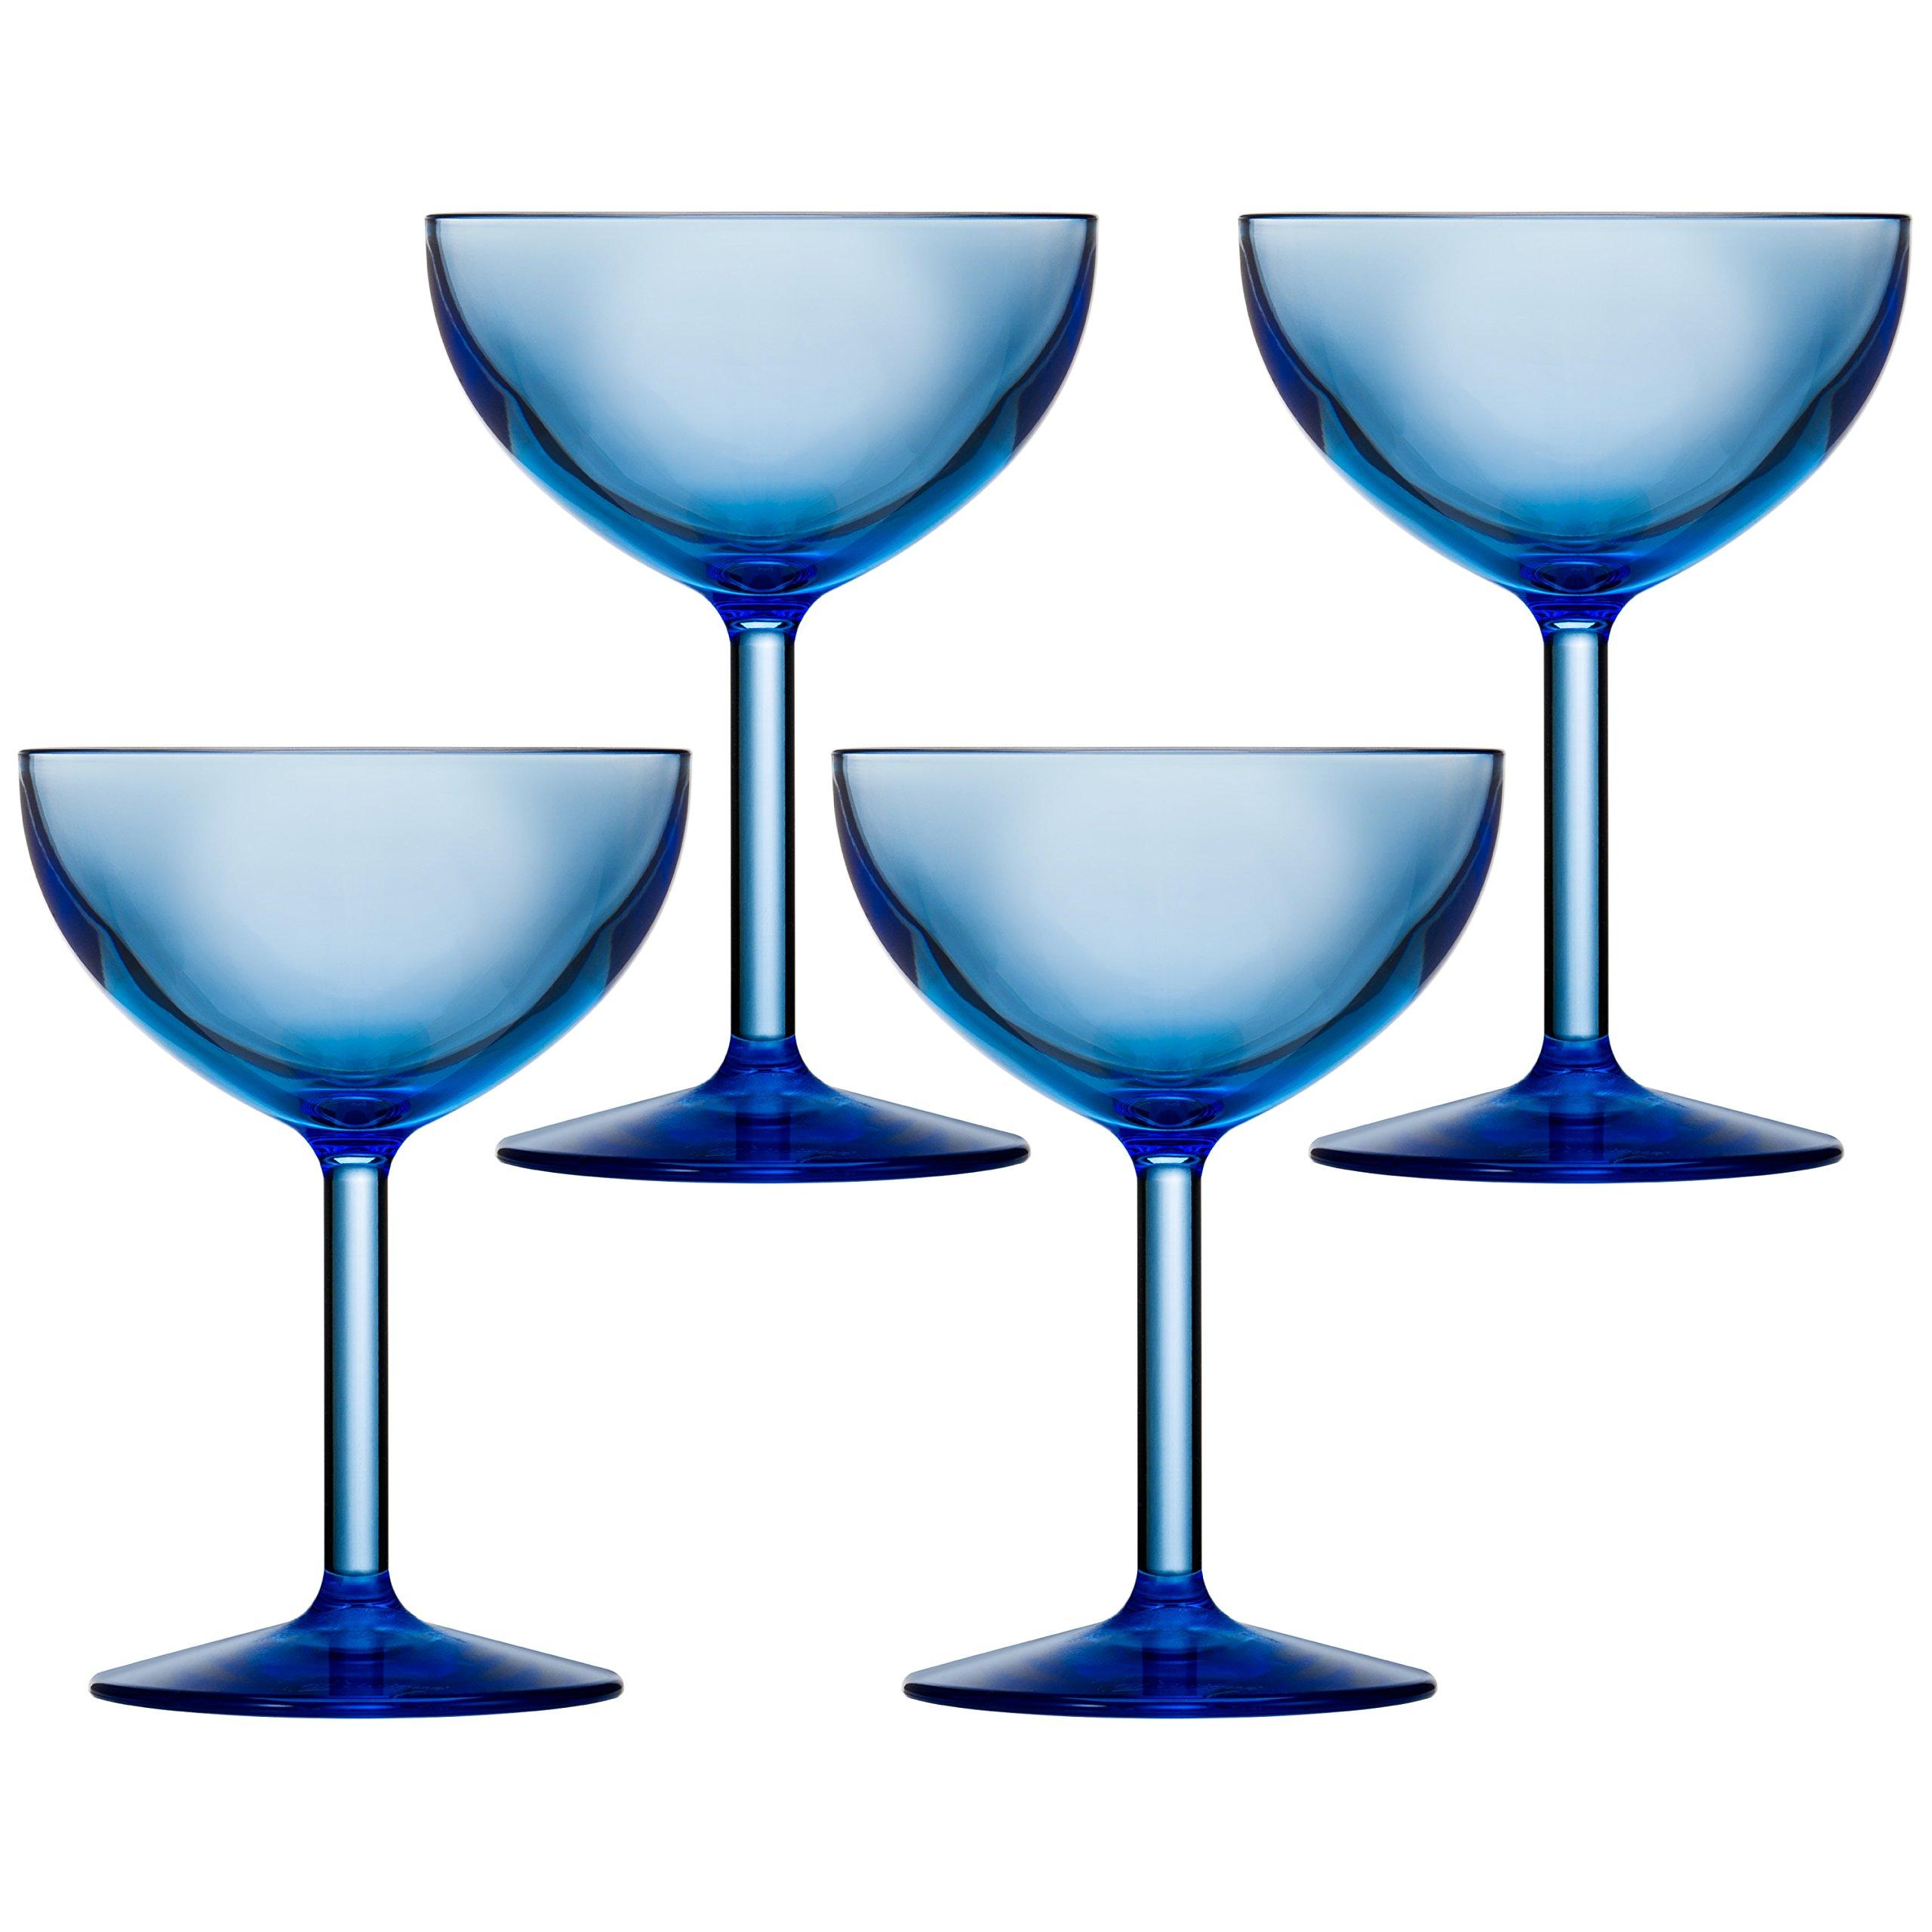 Drinique VIN-CU-BLU-24 Champagne Coupe Unbreakable Tritan Stemware, 8 oz. (Case Of 24), Blue by Drinique (Image #2)